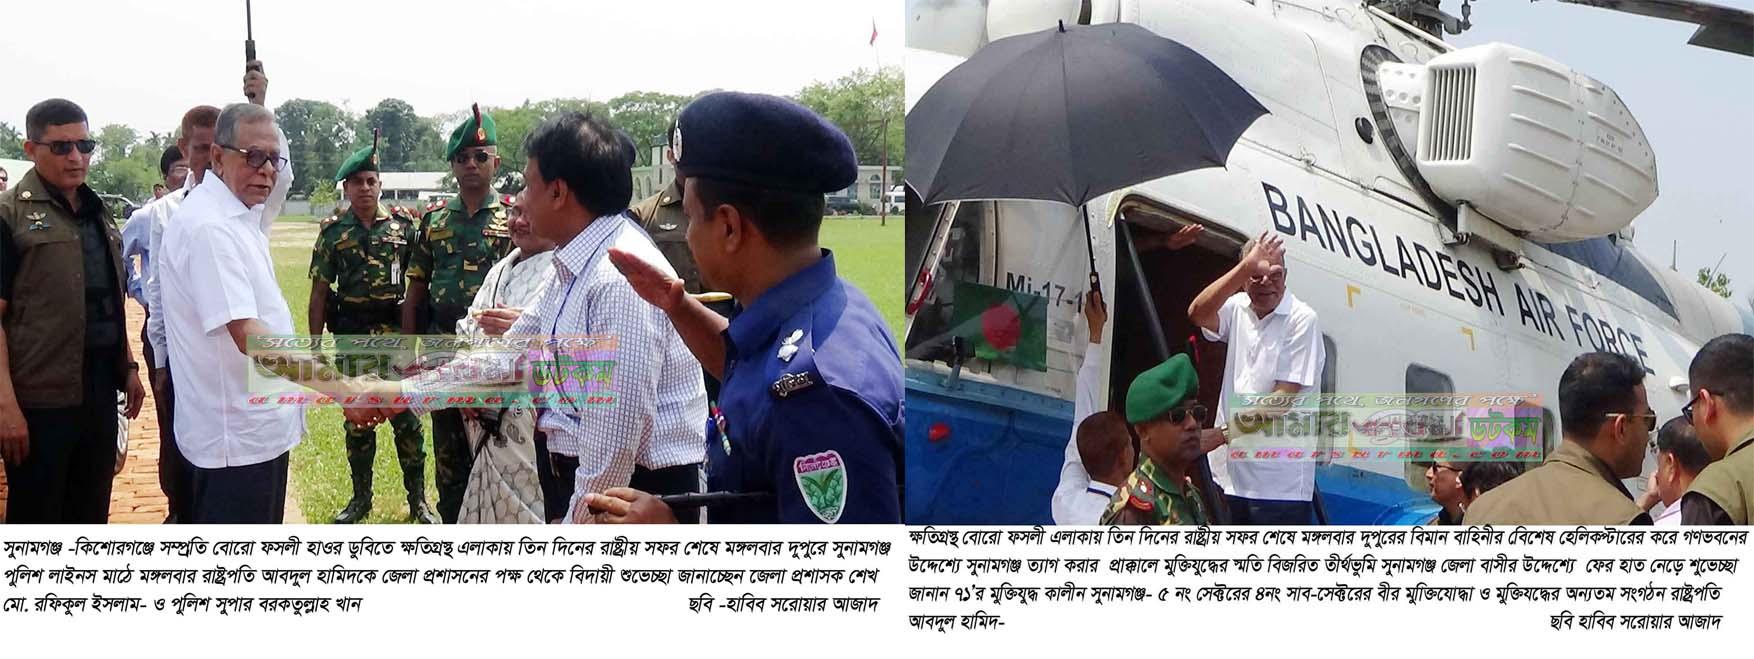 'আমি ছোট নৌকা দিয়ে তাহিরপুরে পৌঁছি'-রাষ্ট্রপতি আবদুল হামিদ